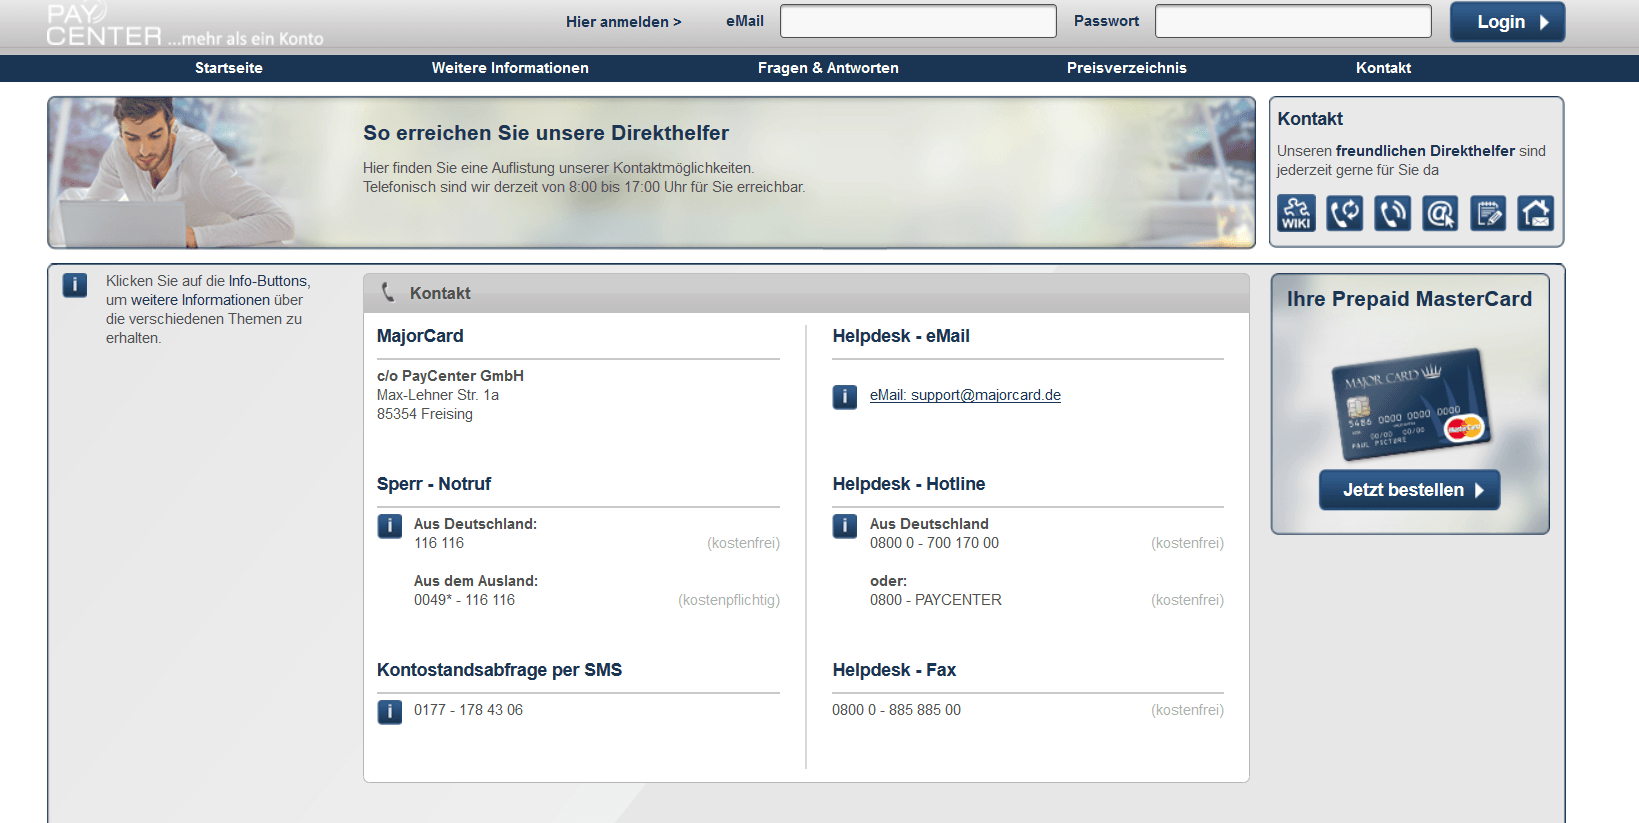 Kundensupport von Paycenter